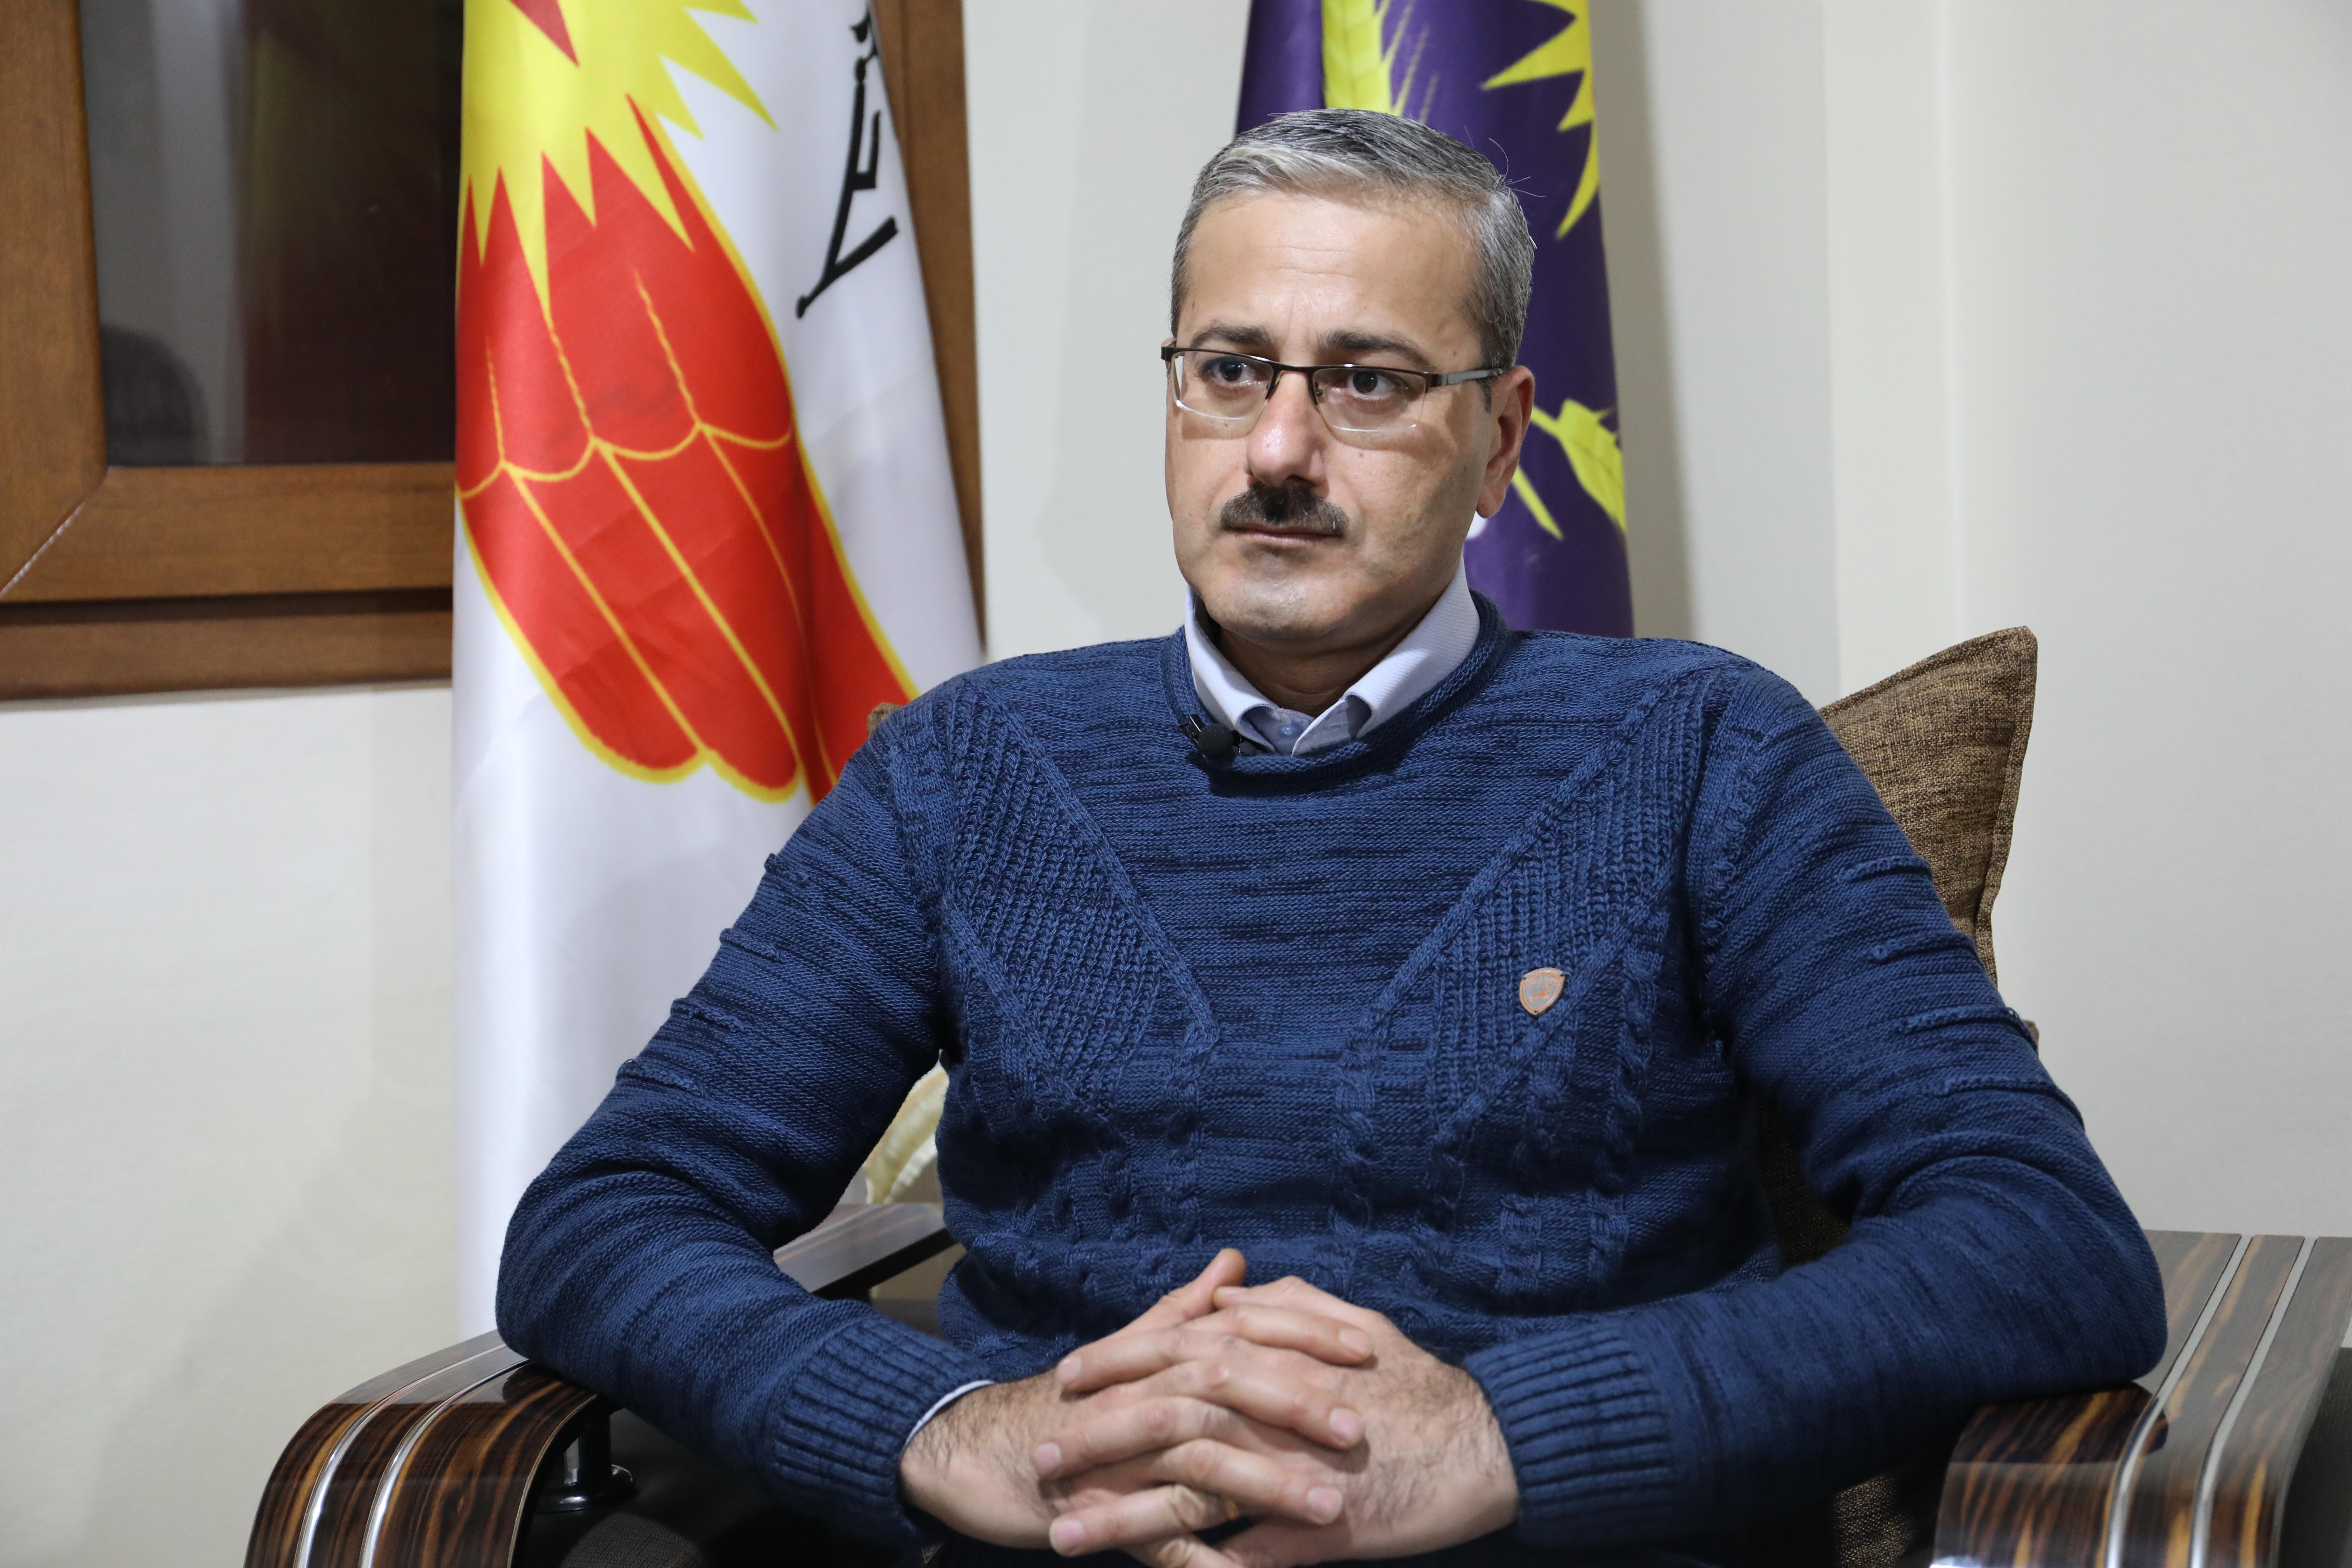 برصوم: وحدة وتكاتف الشعب السوري سيفشل أطماع أردوغان